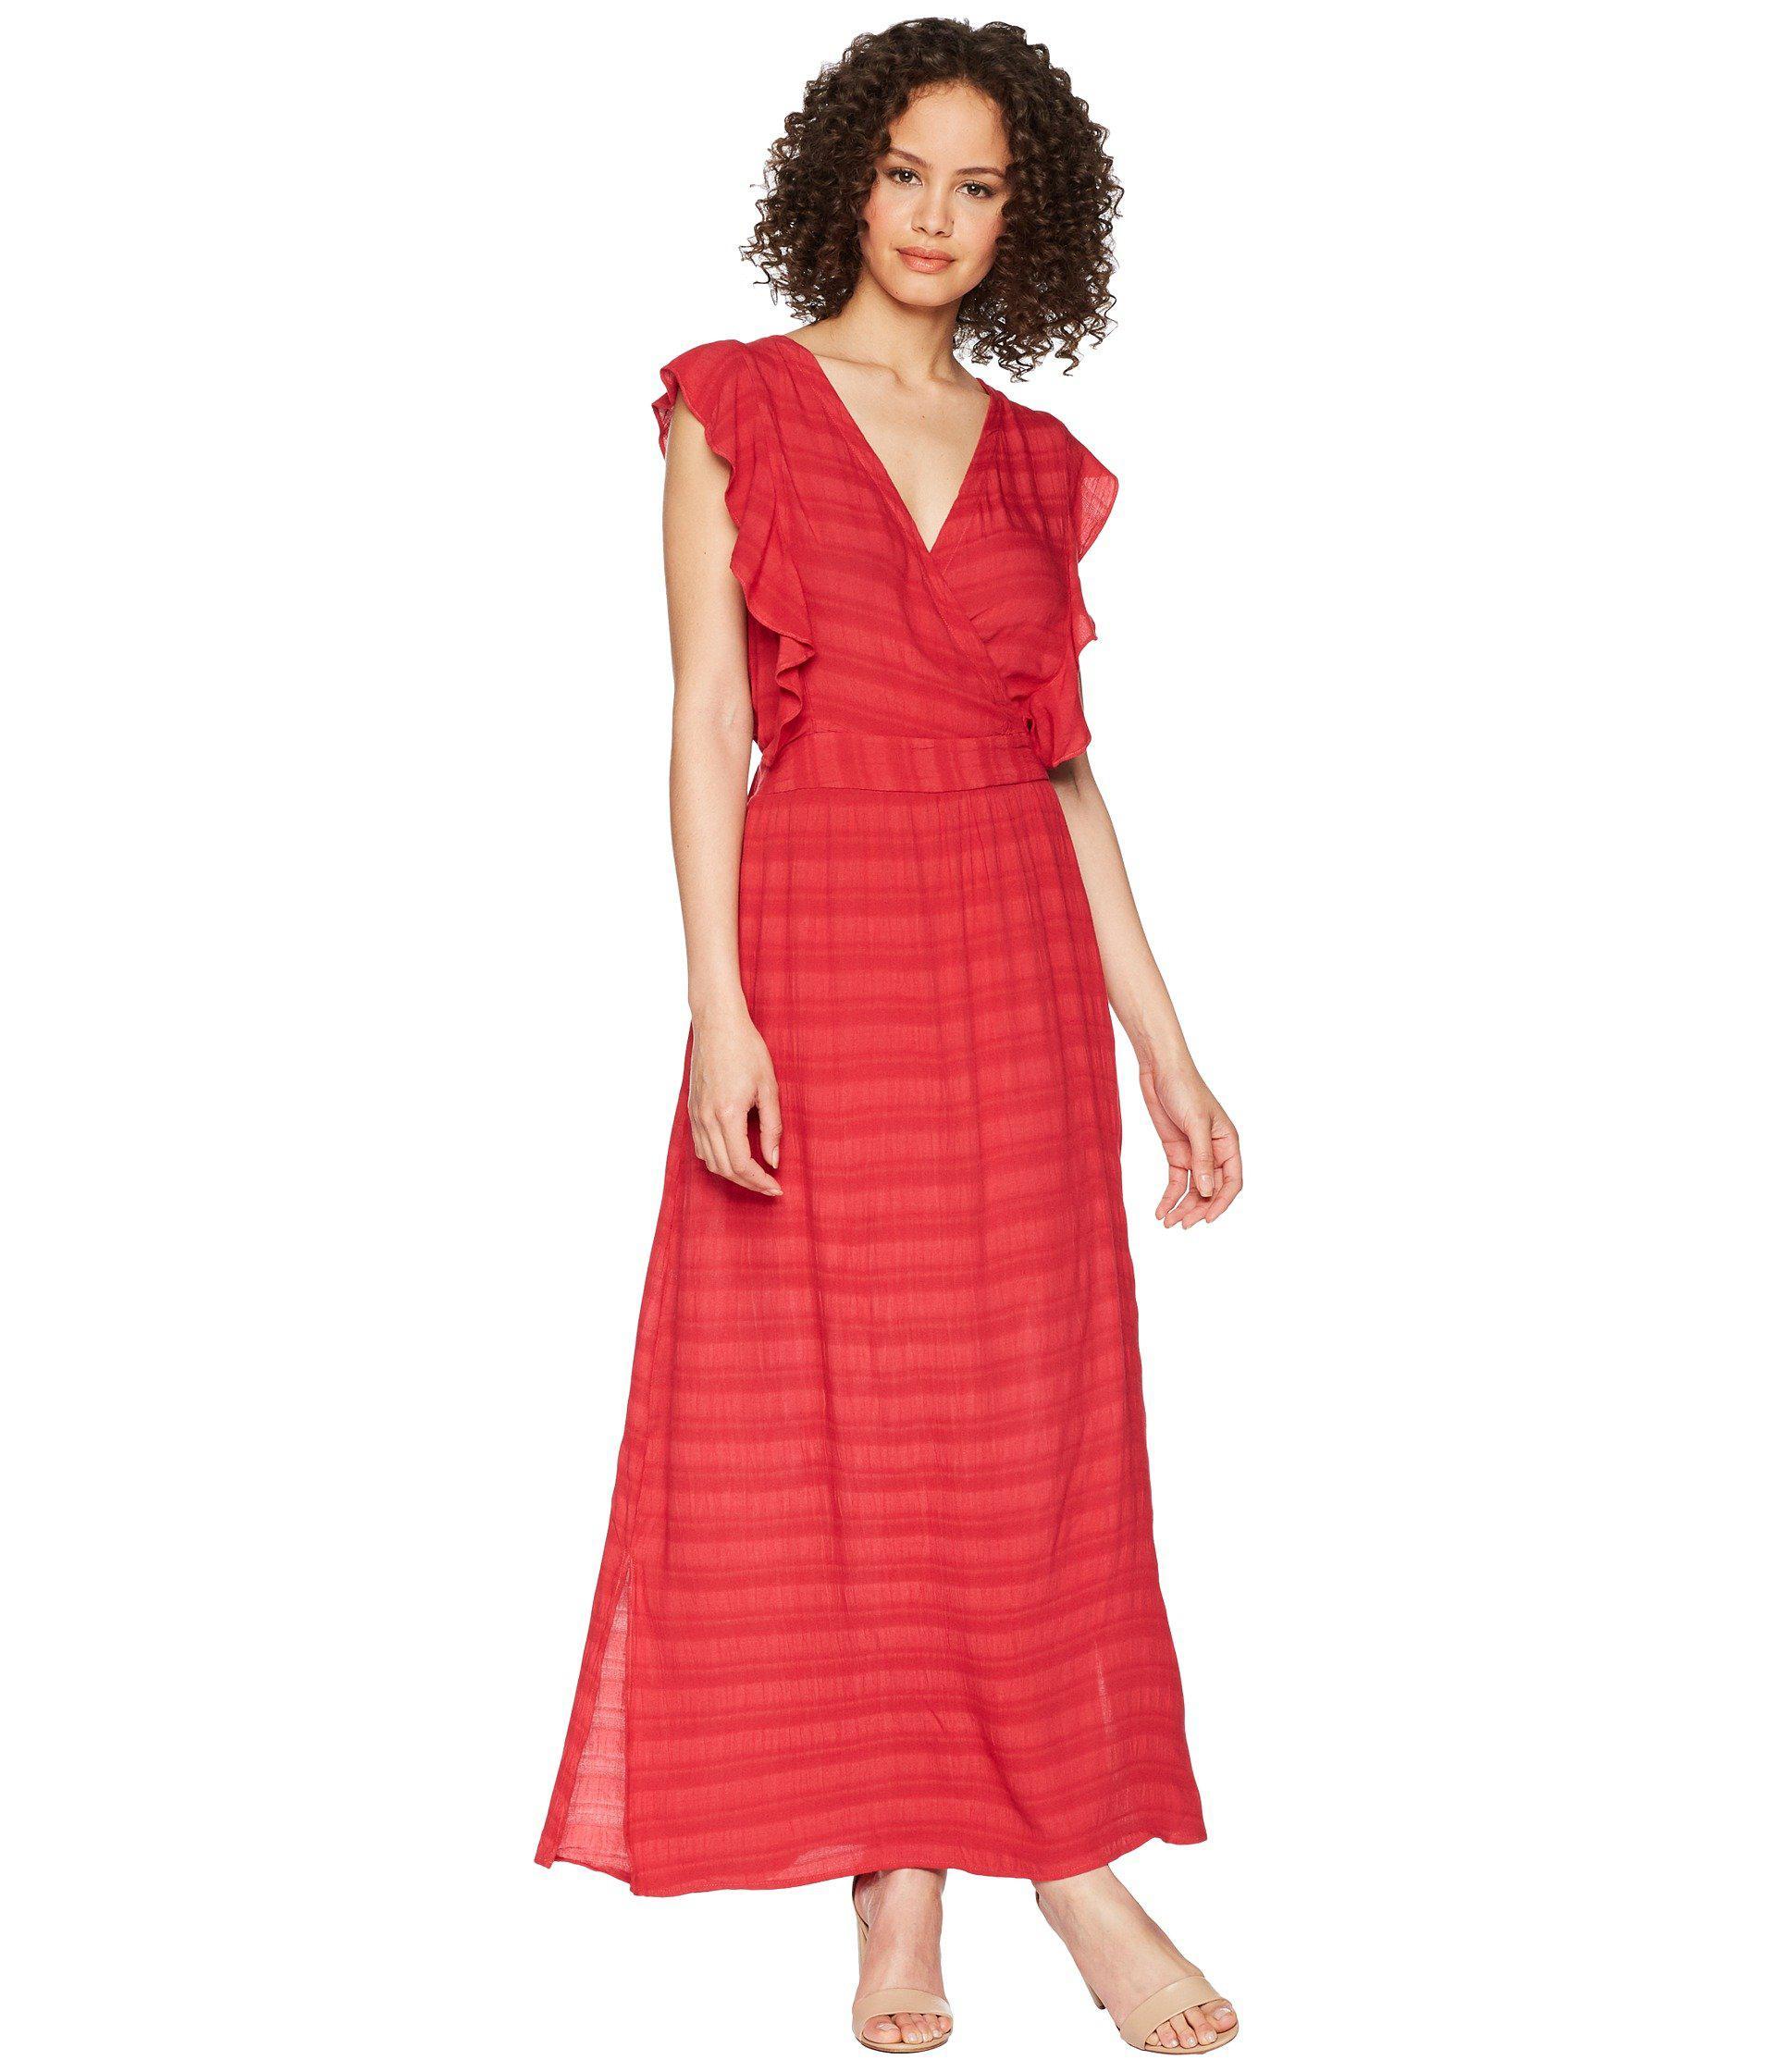 c4b7cdf40d9 Lyst - Michael Stars Plissé Ruffle Maxi Dress in Red - Save 32%